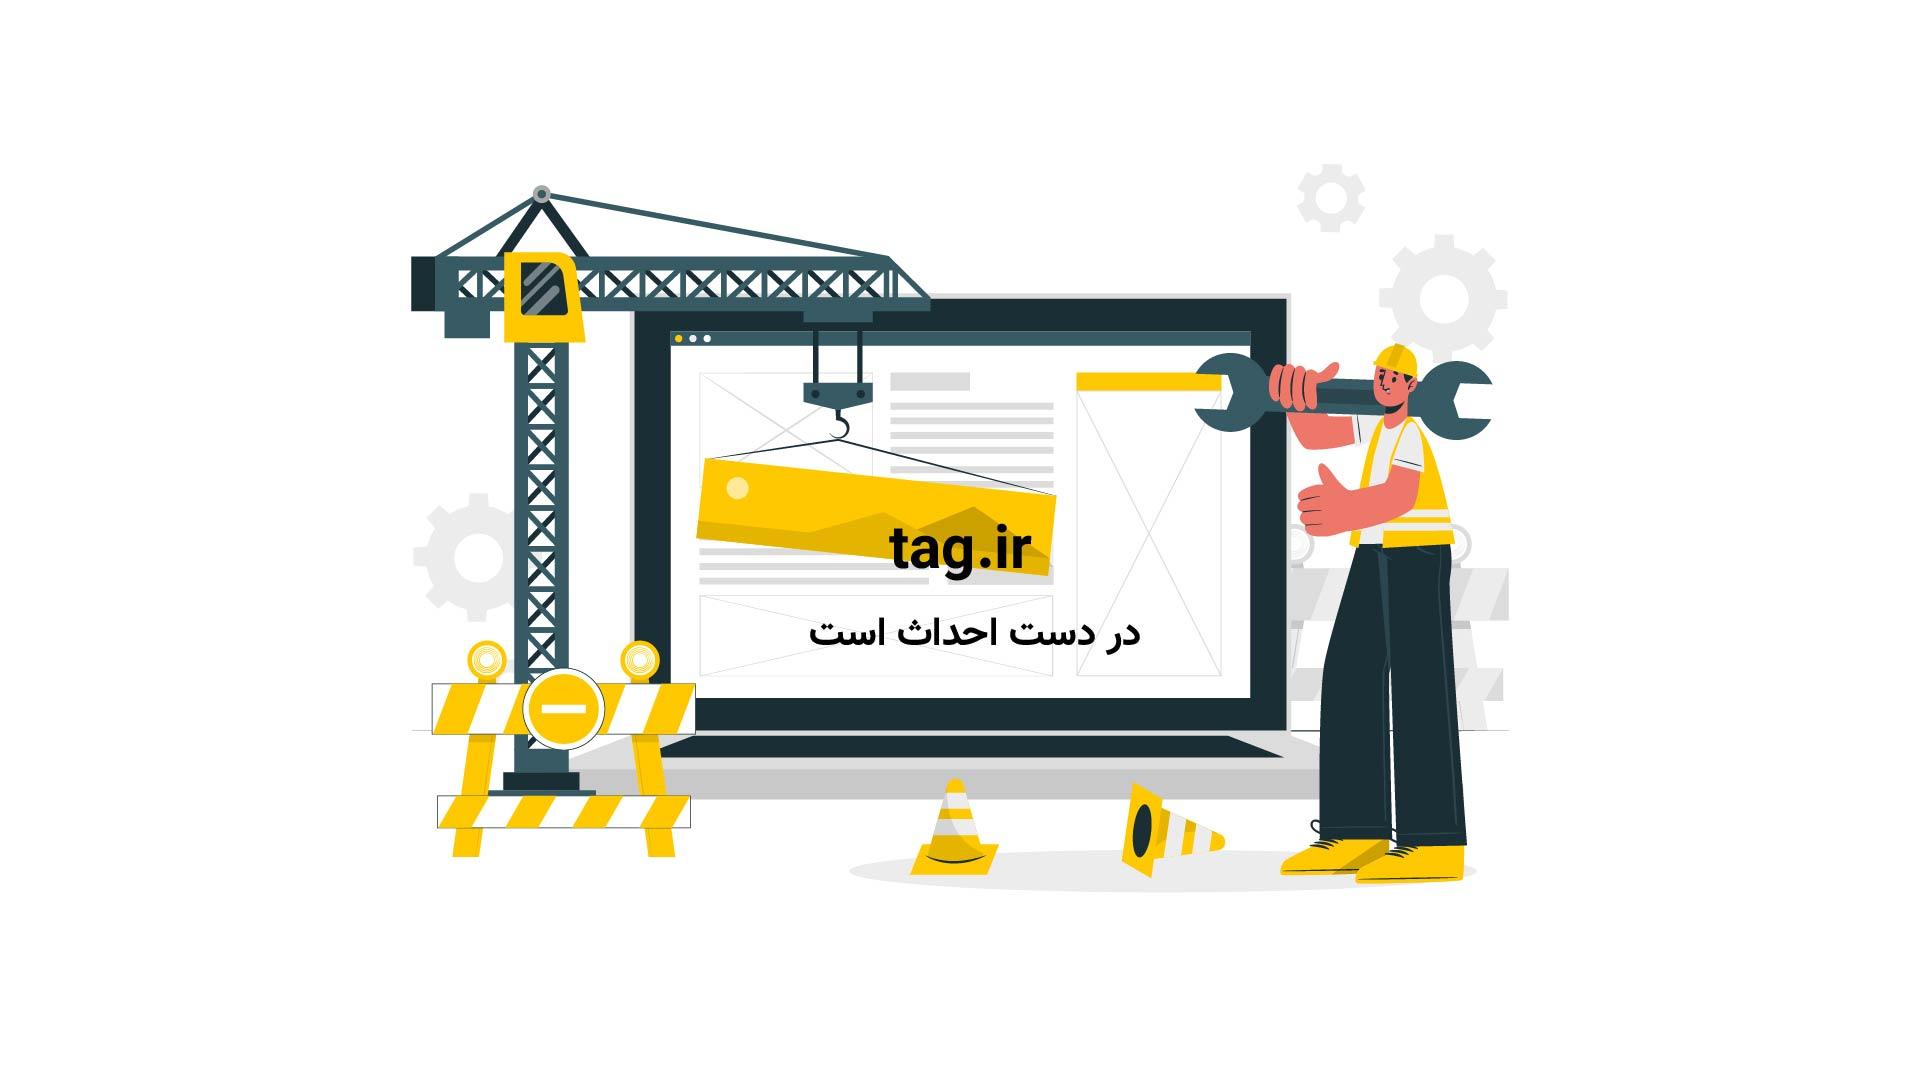 فیلمی حیرت انگیز از جریان گدازه هاوایی که به اقیانوس میرود | فیلم